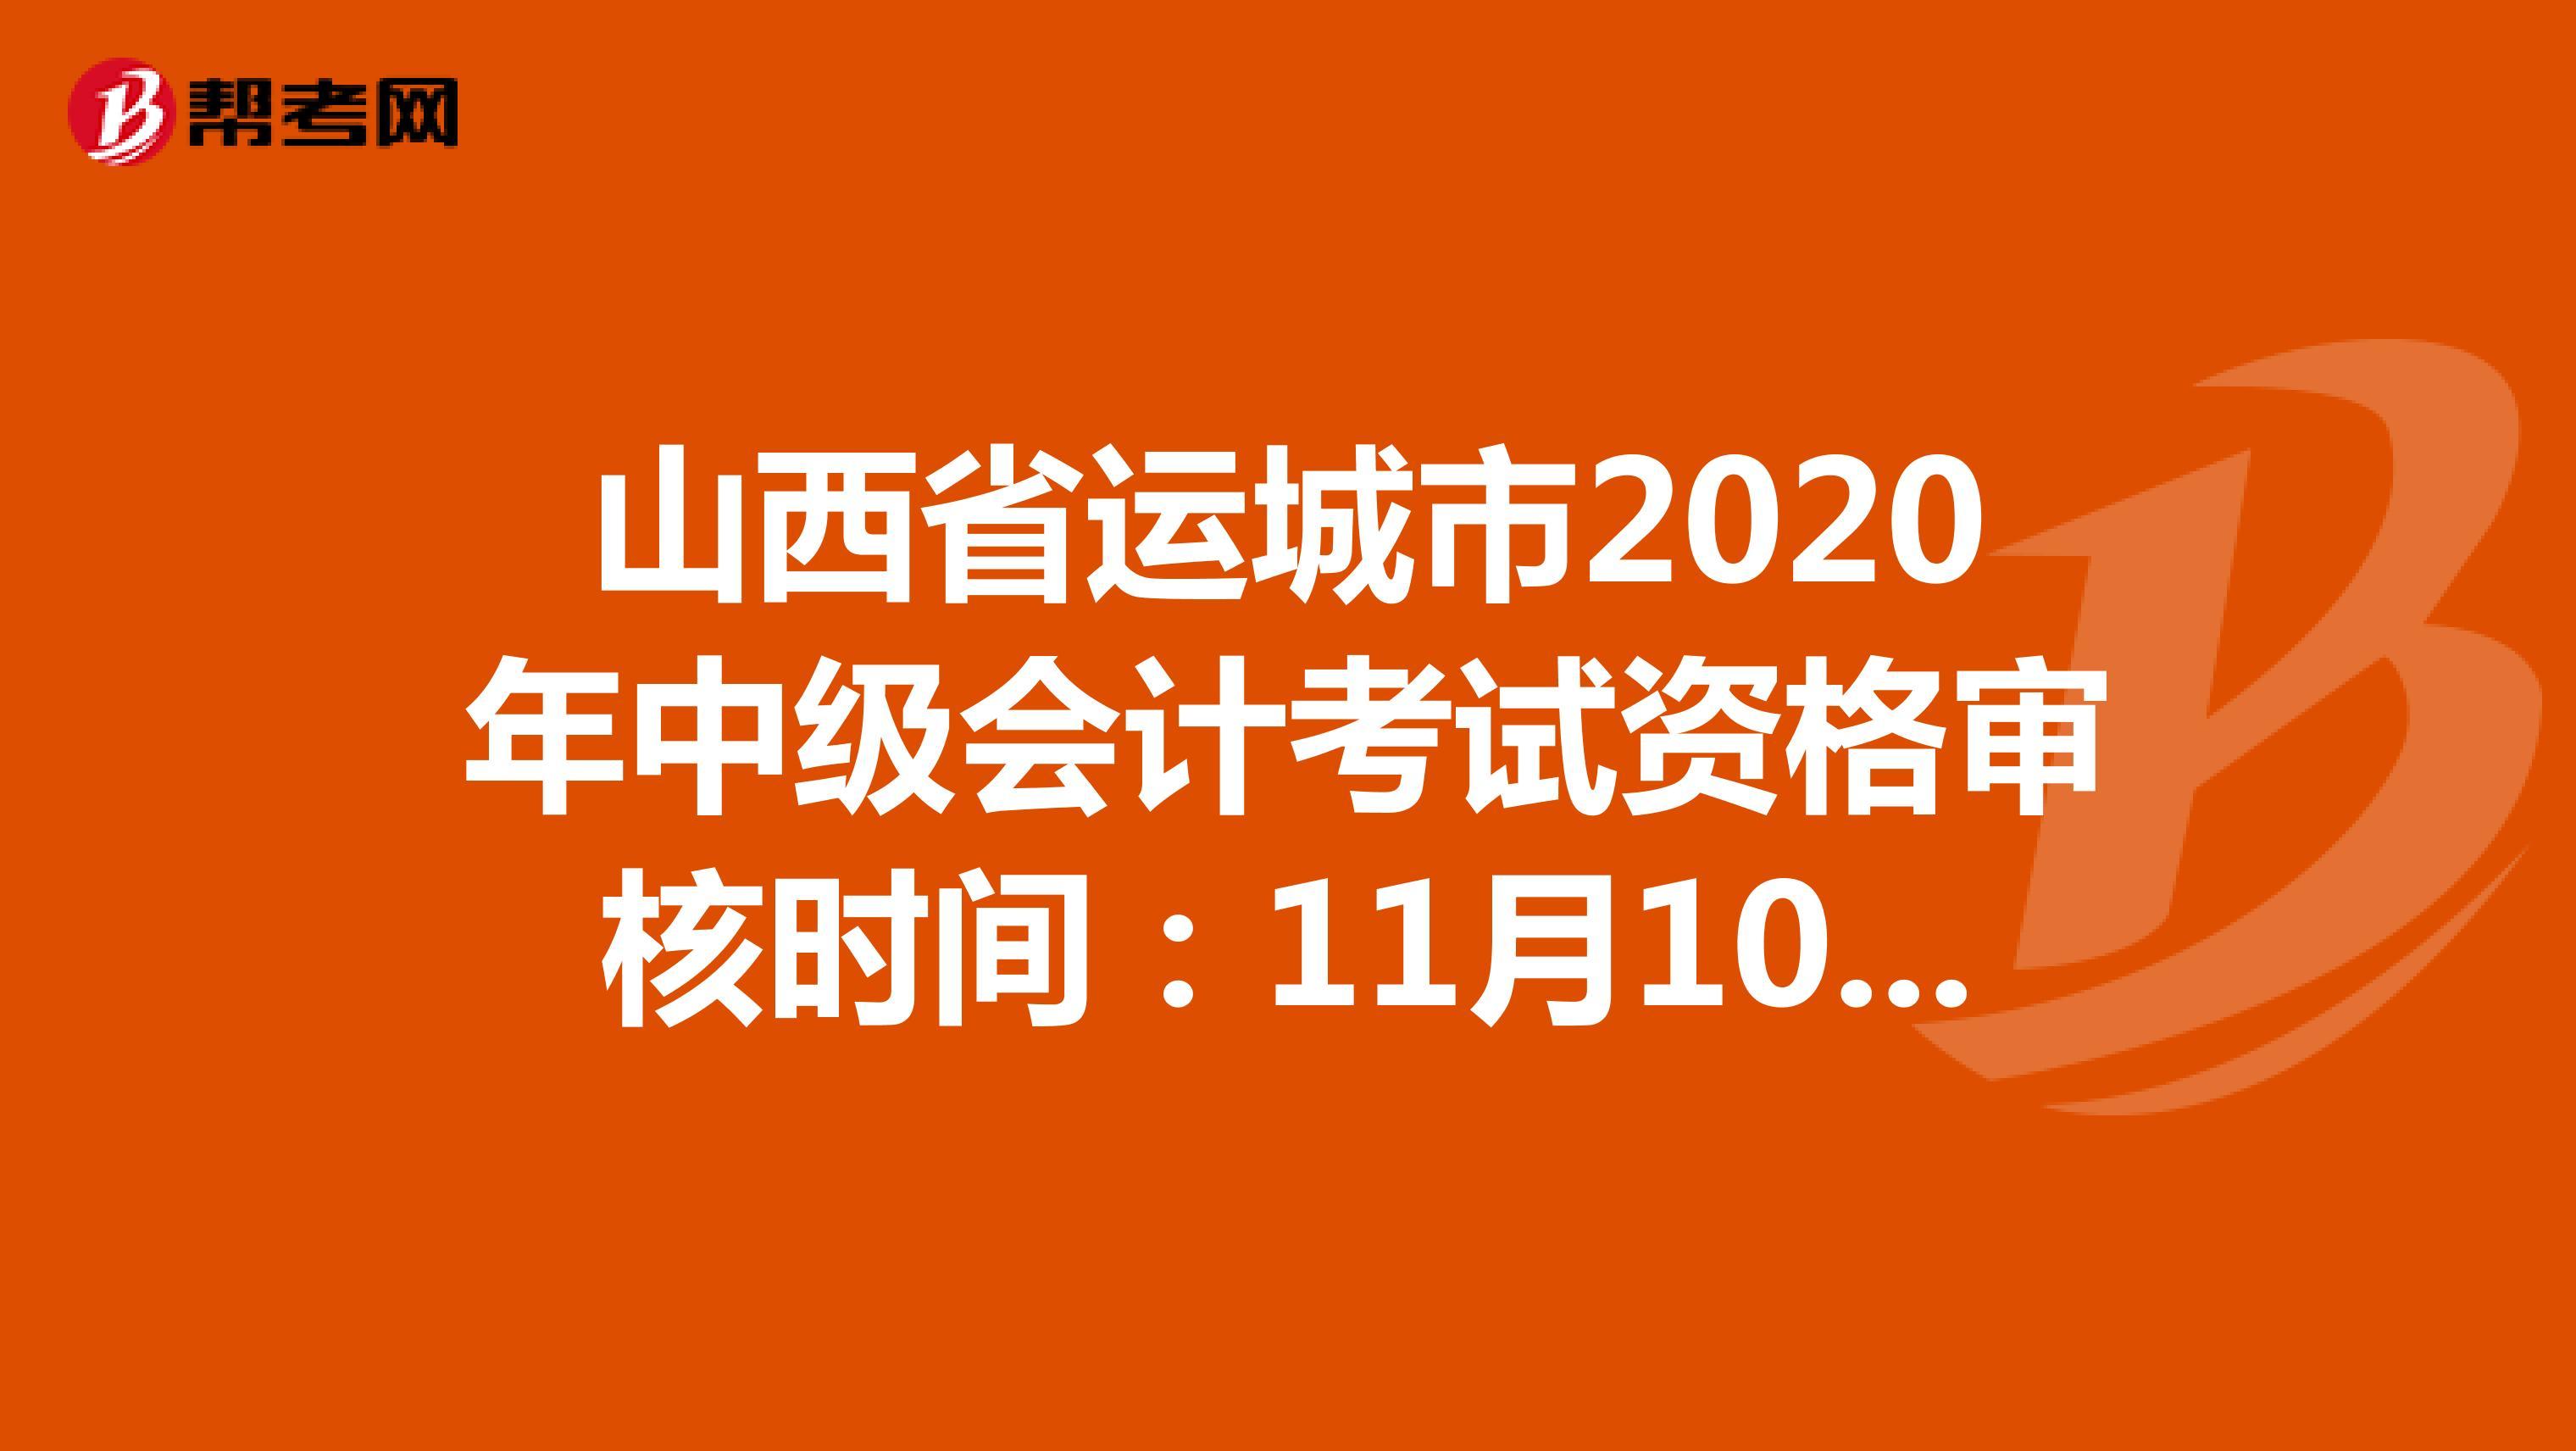 山西省运城市2020年中级会计考试资格审核时间:11月10日-16 日